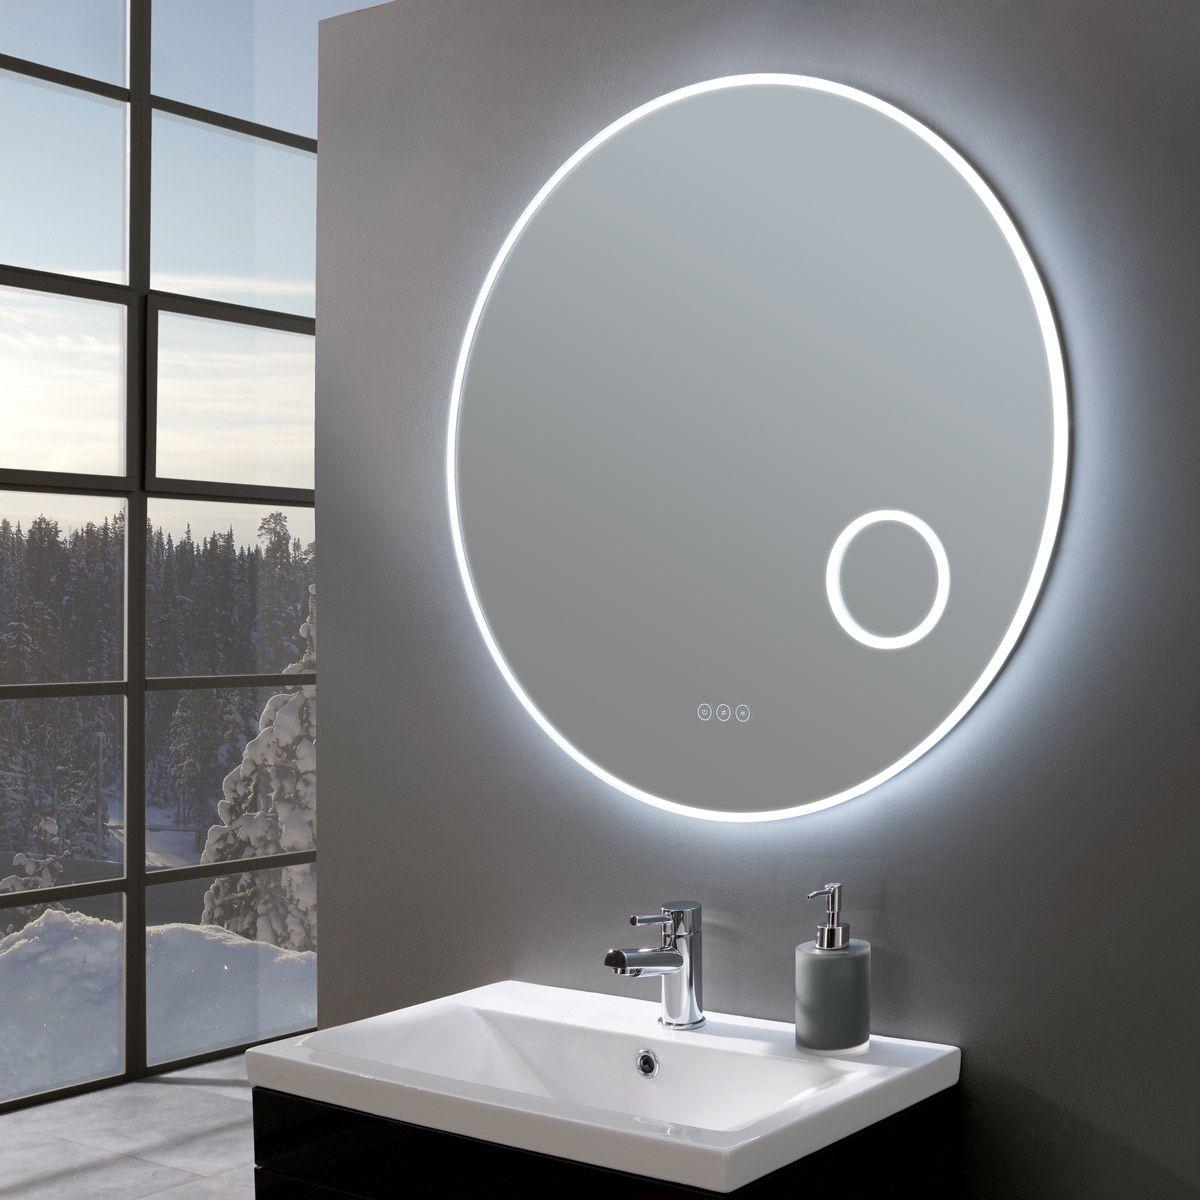 bagno-moderno-10-cose-da-fare-per-arredarlo-al-meglio-18